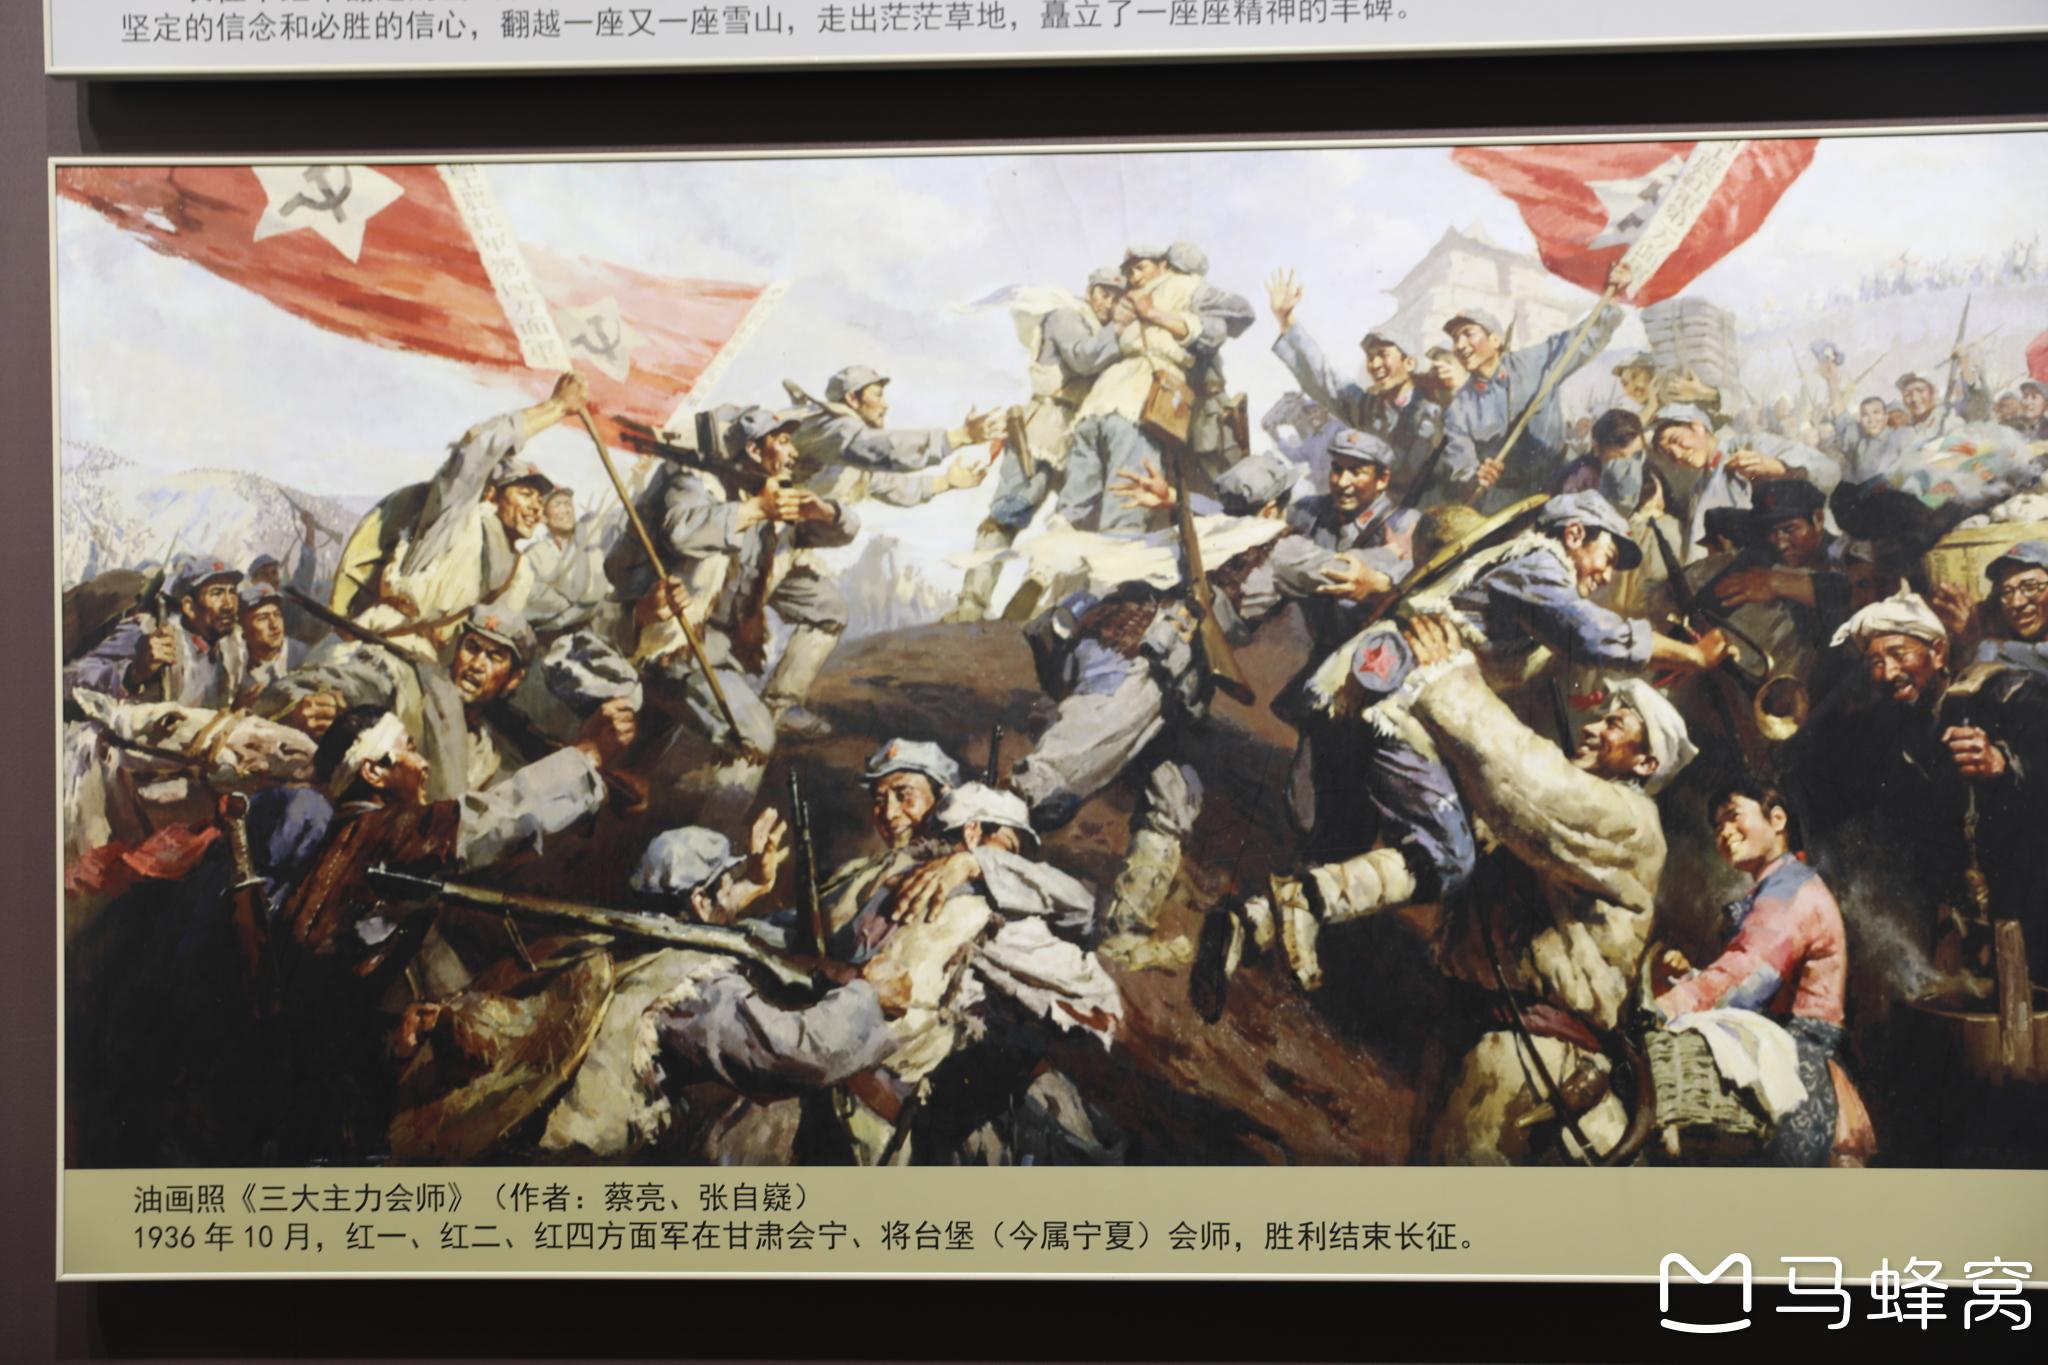 八一南昌起义纪念馆相册